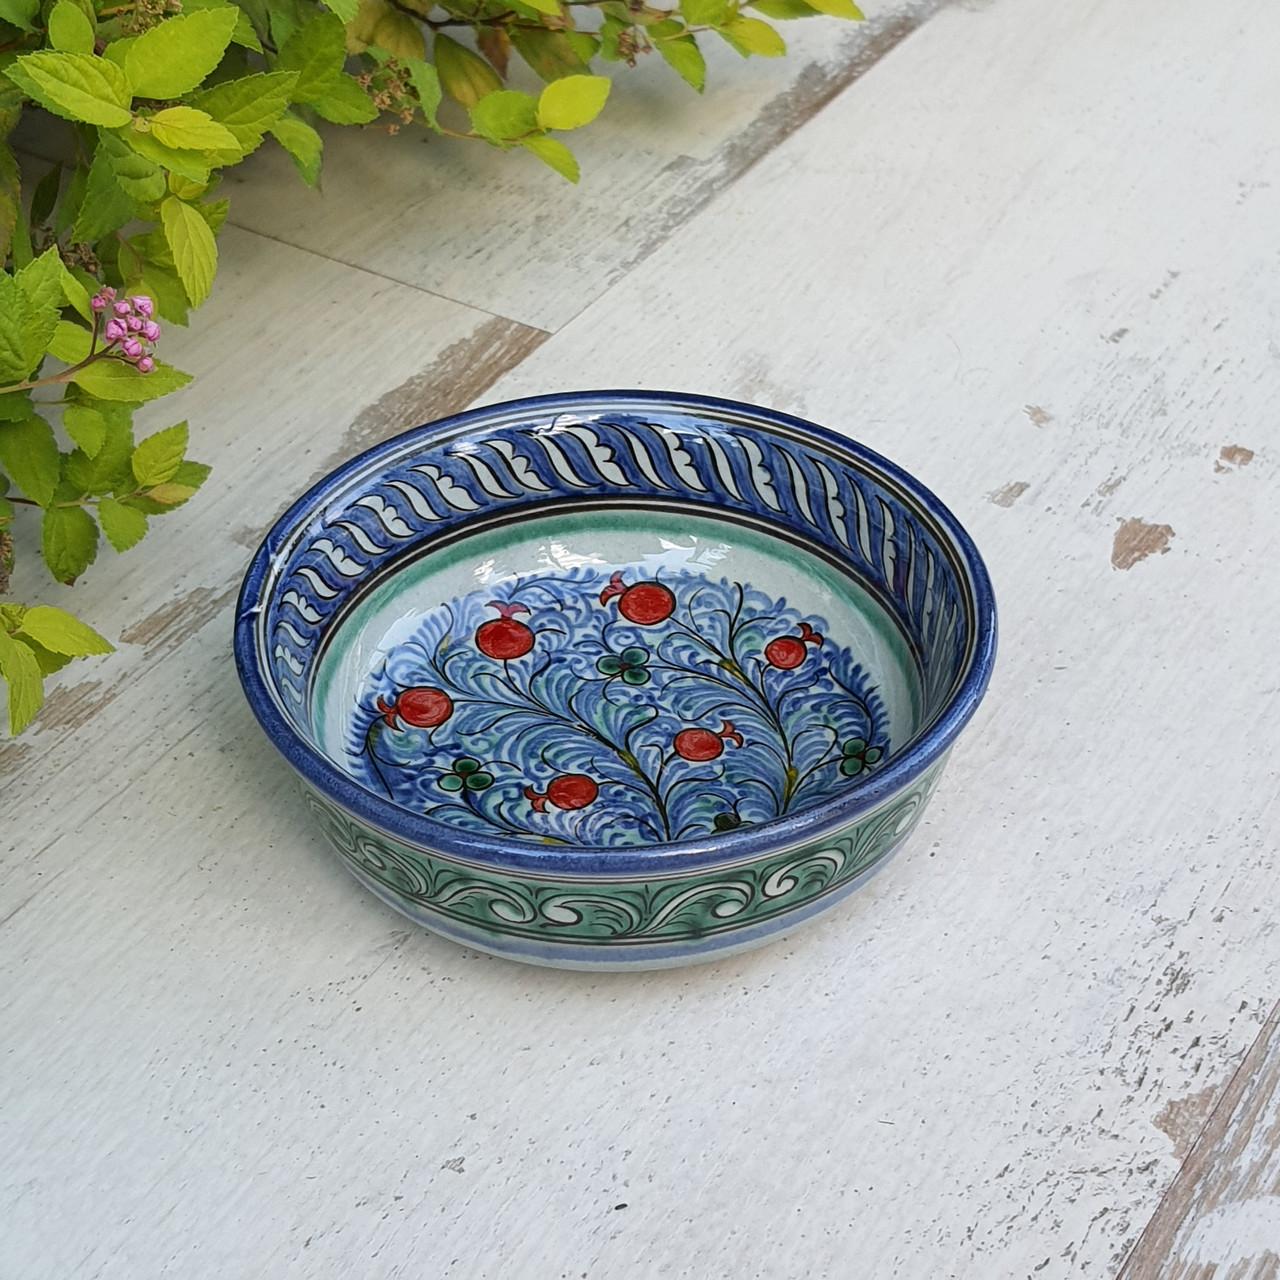 Узбекская пиала с плоским дном ~180 мл. Ручная роспись (7)